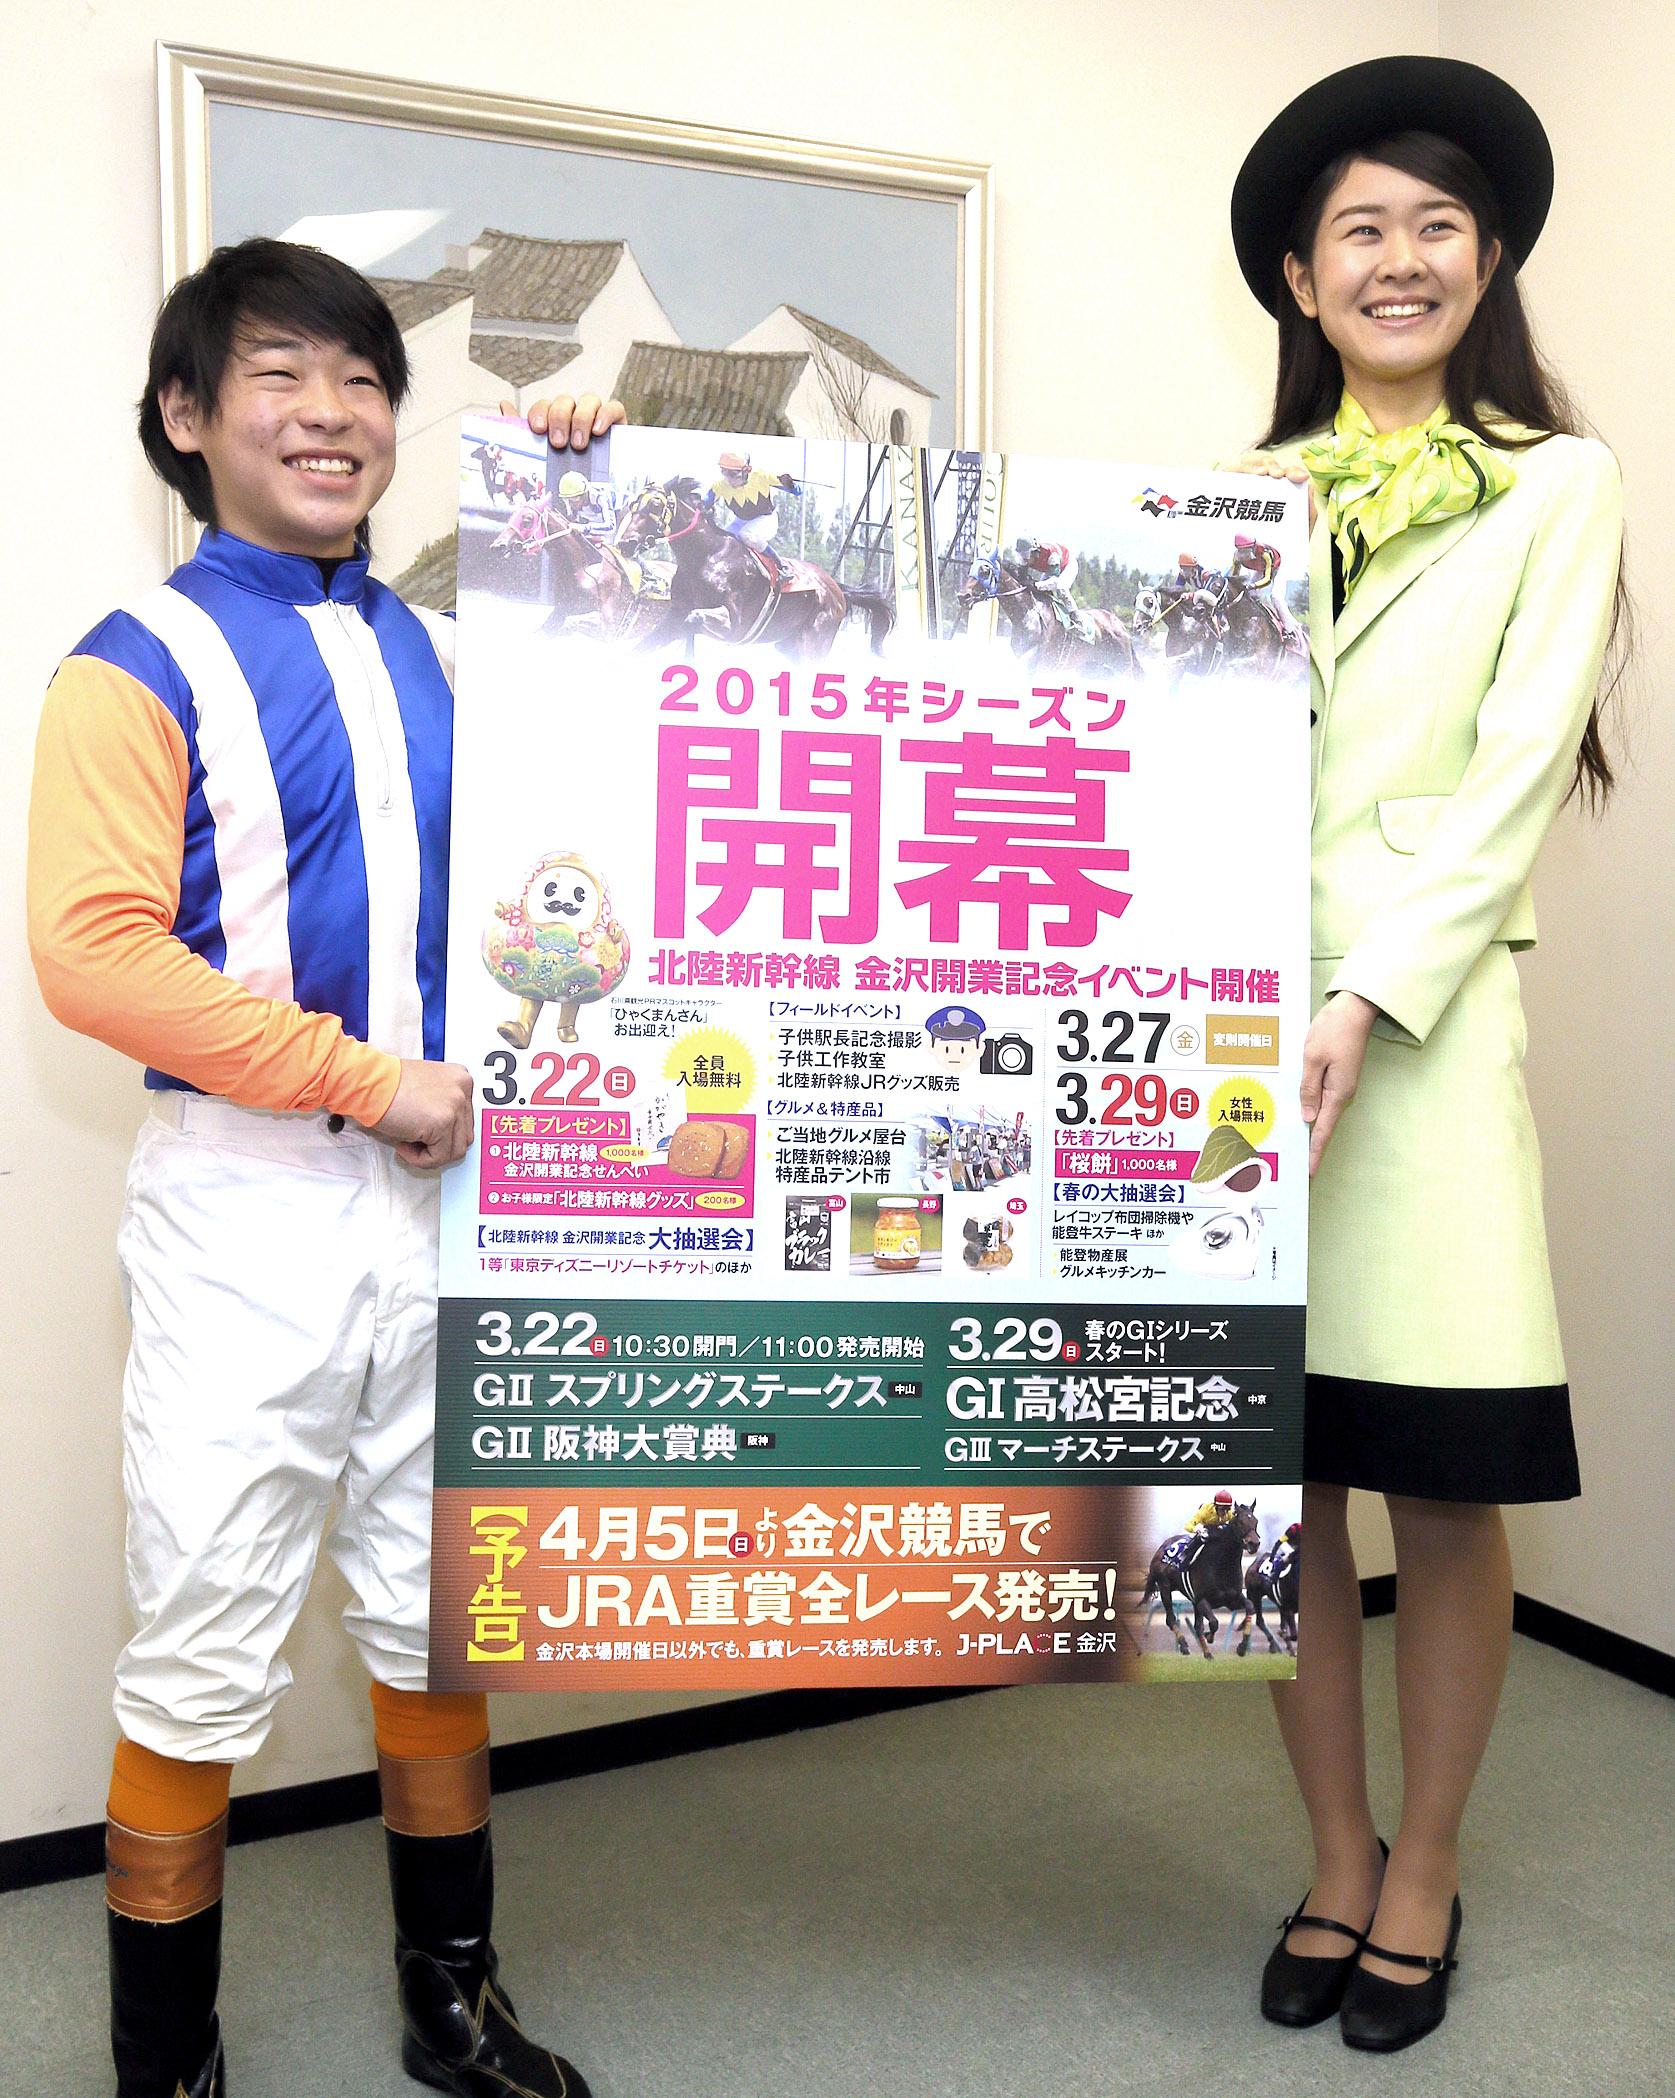 金沢競馬開幕をアピールする中島騎手(左)と石﨑さん=20日午前10時、北國新聞社